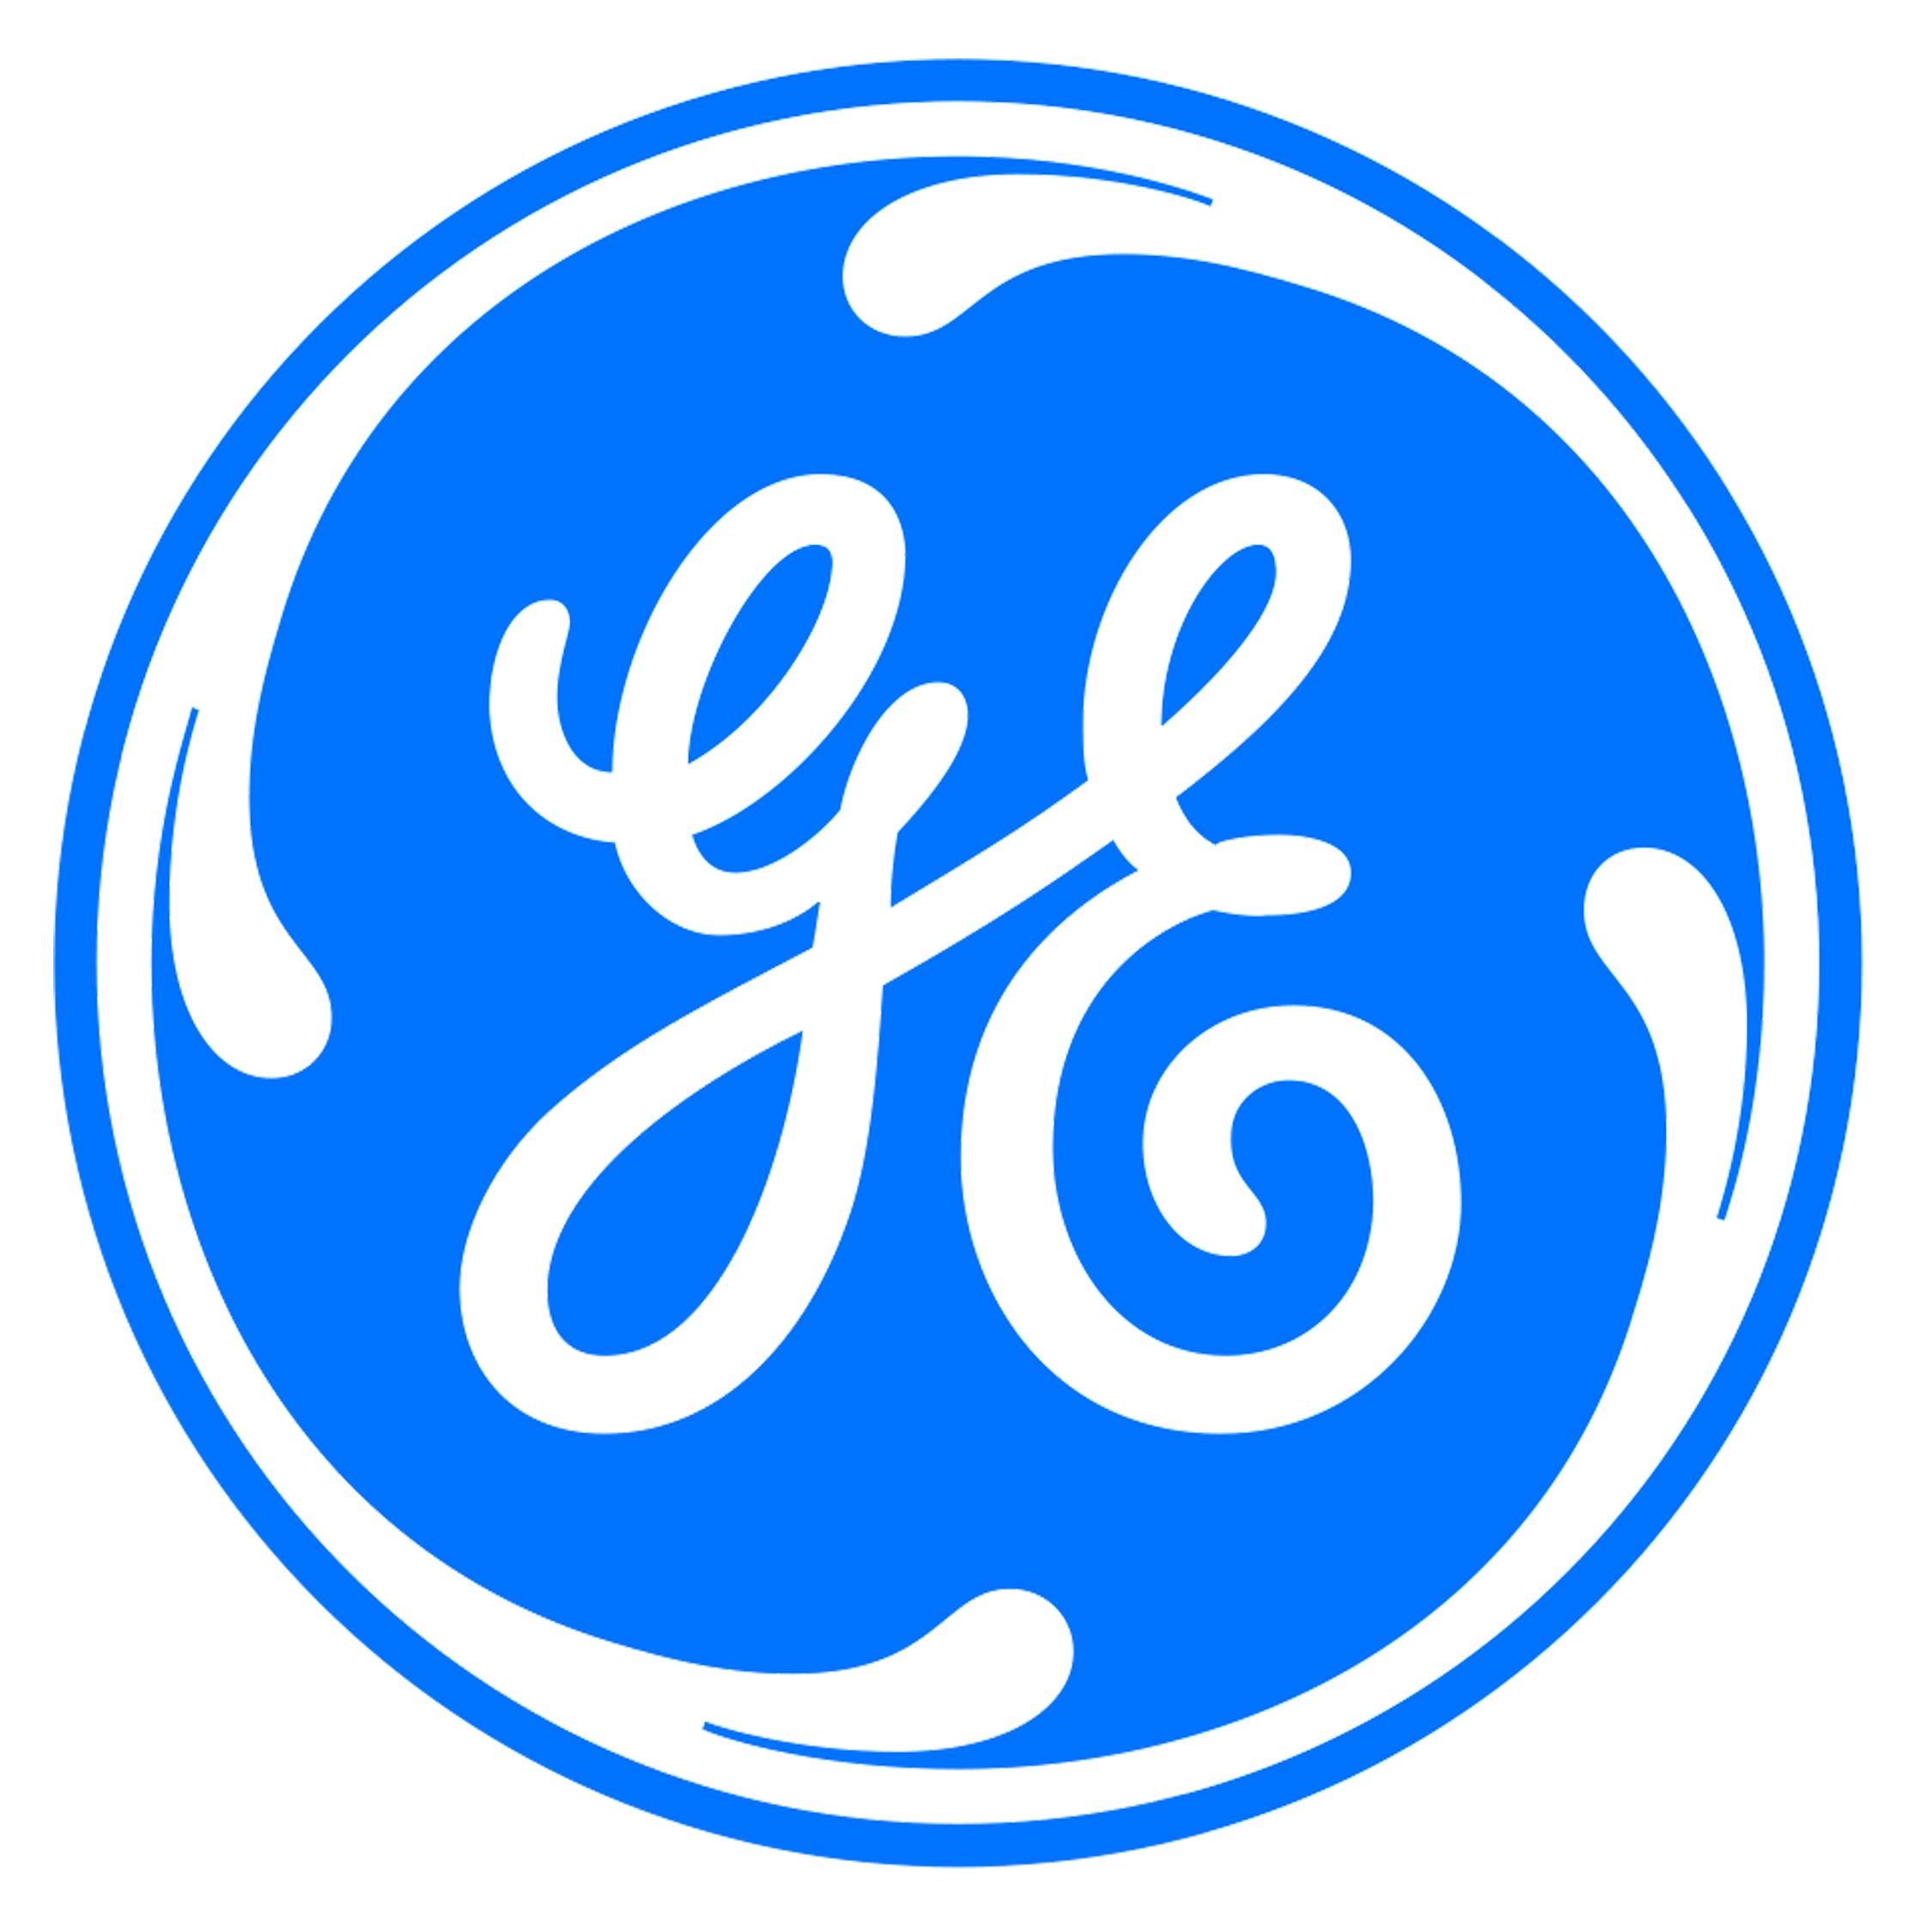 通用电气医疗系统贸易发展(上海)有限公司LOGO